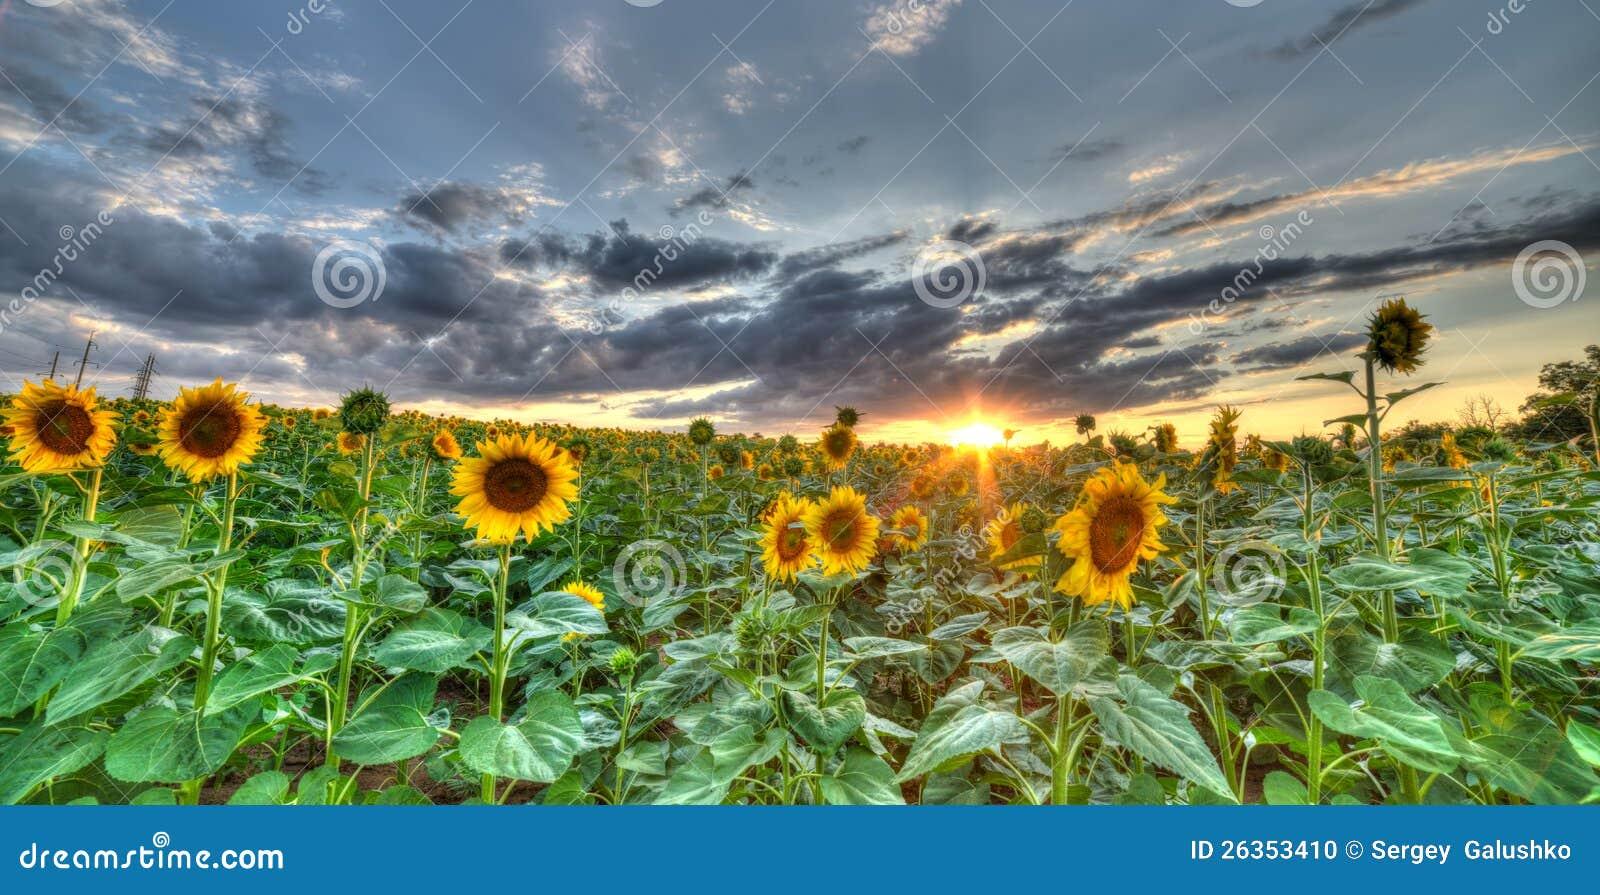 Die Landschaft des Feldes mit Sonnenblume